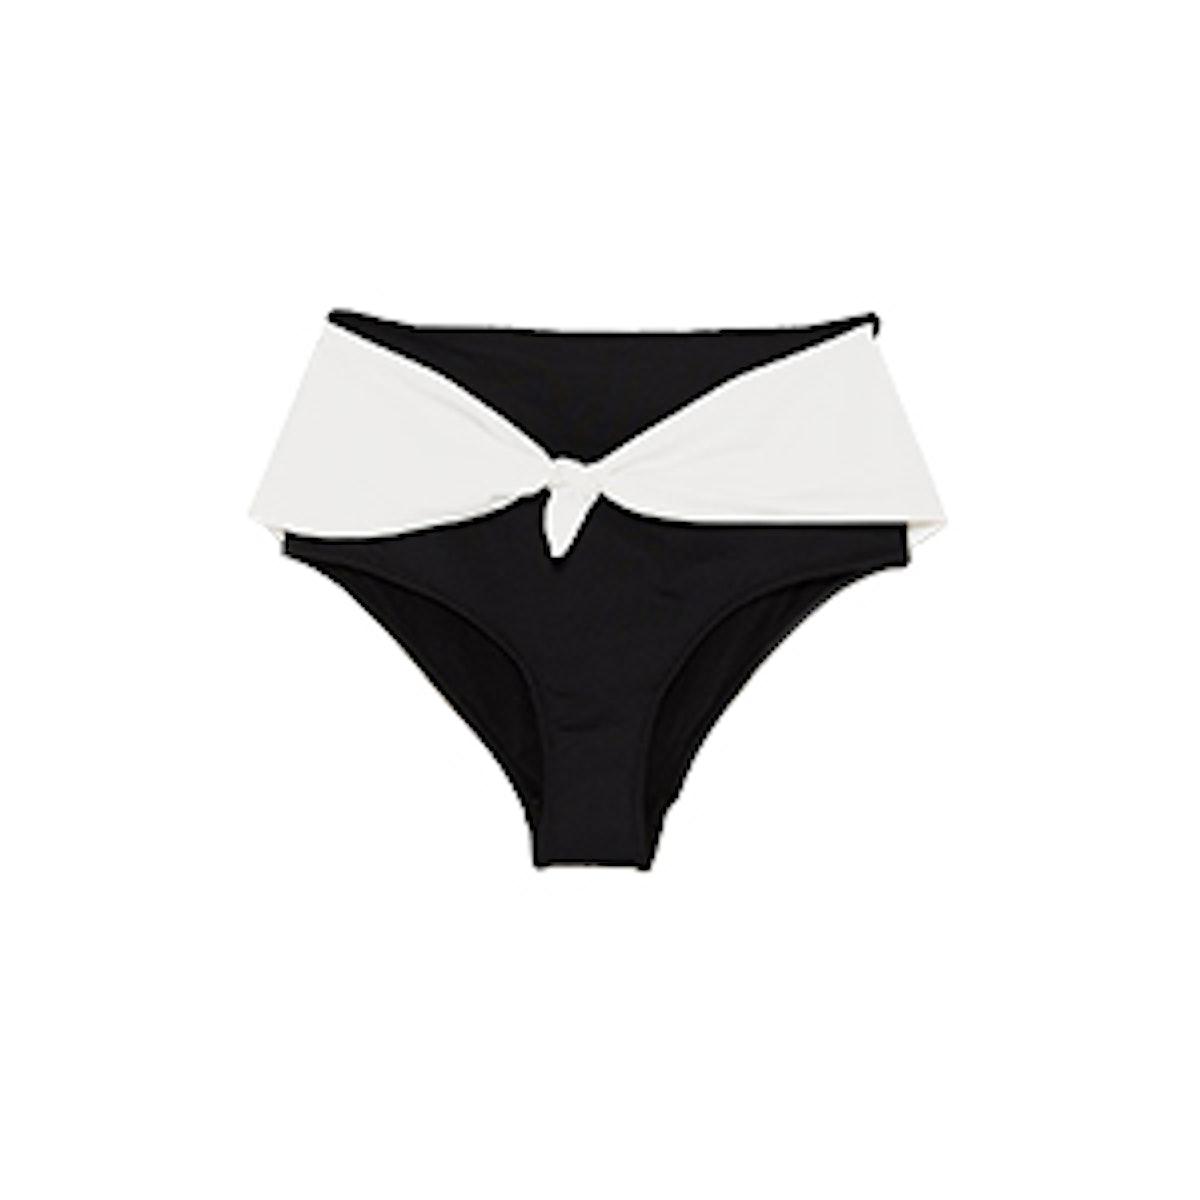 Knotted Bikini Bottoms